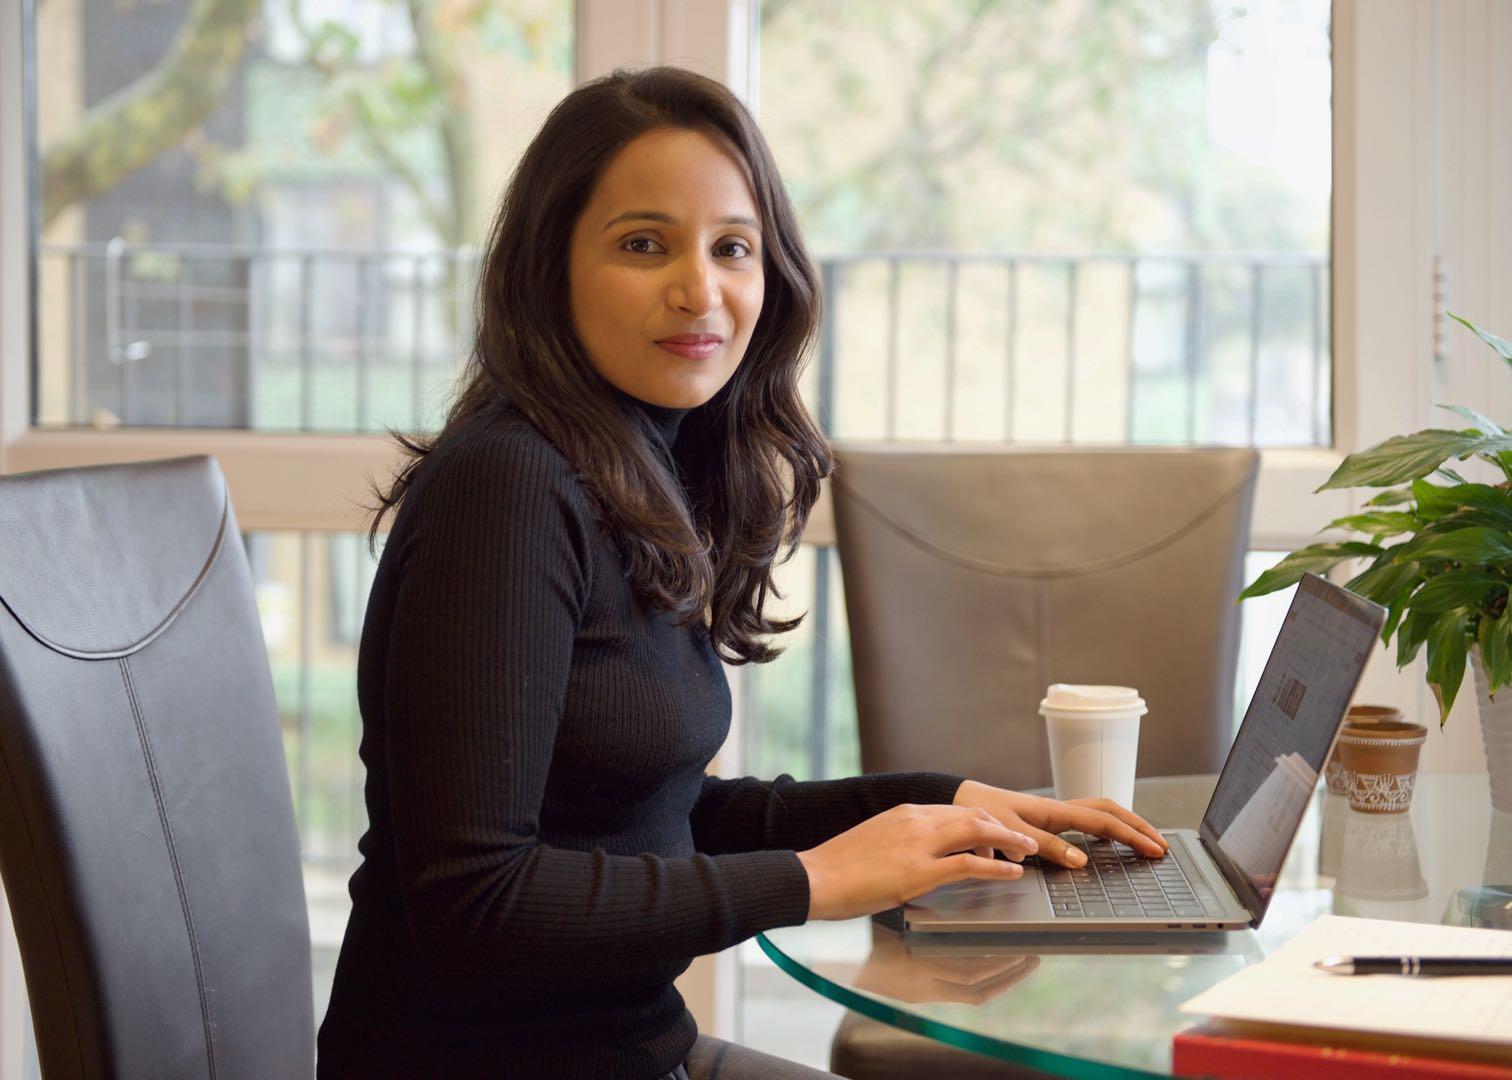 Preethi Sundaram